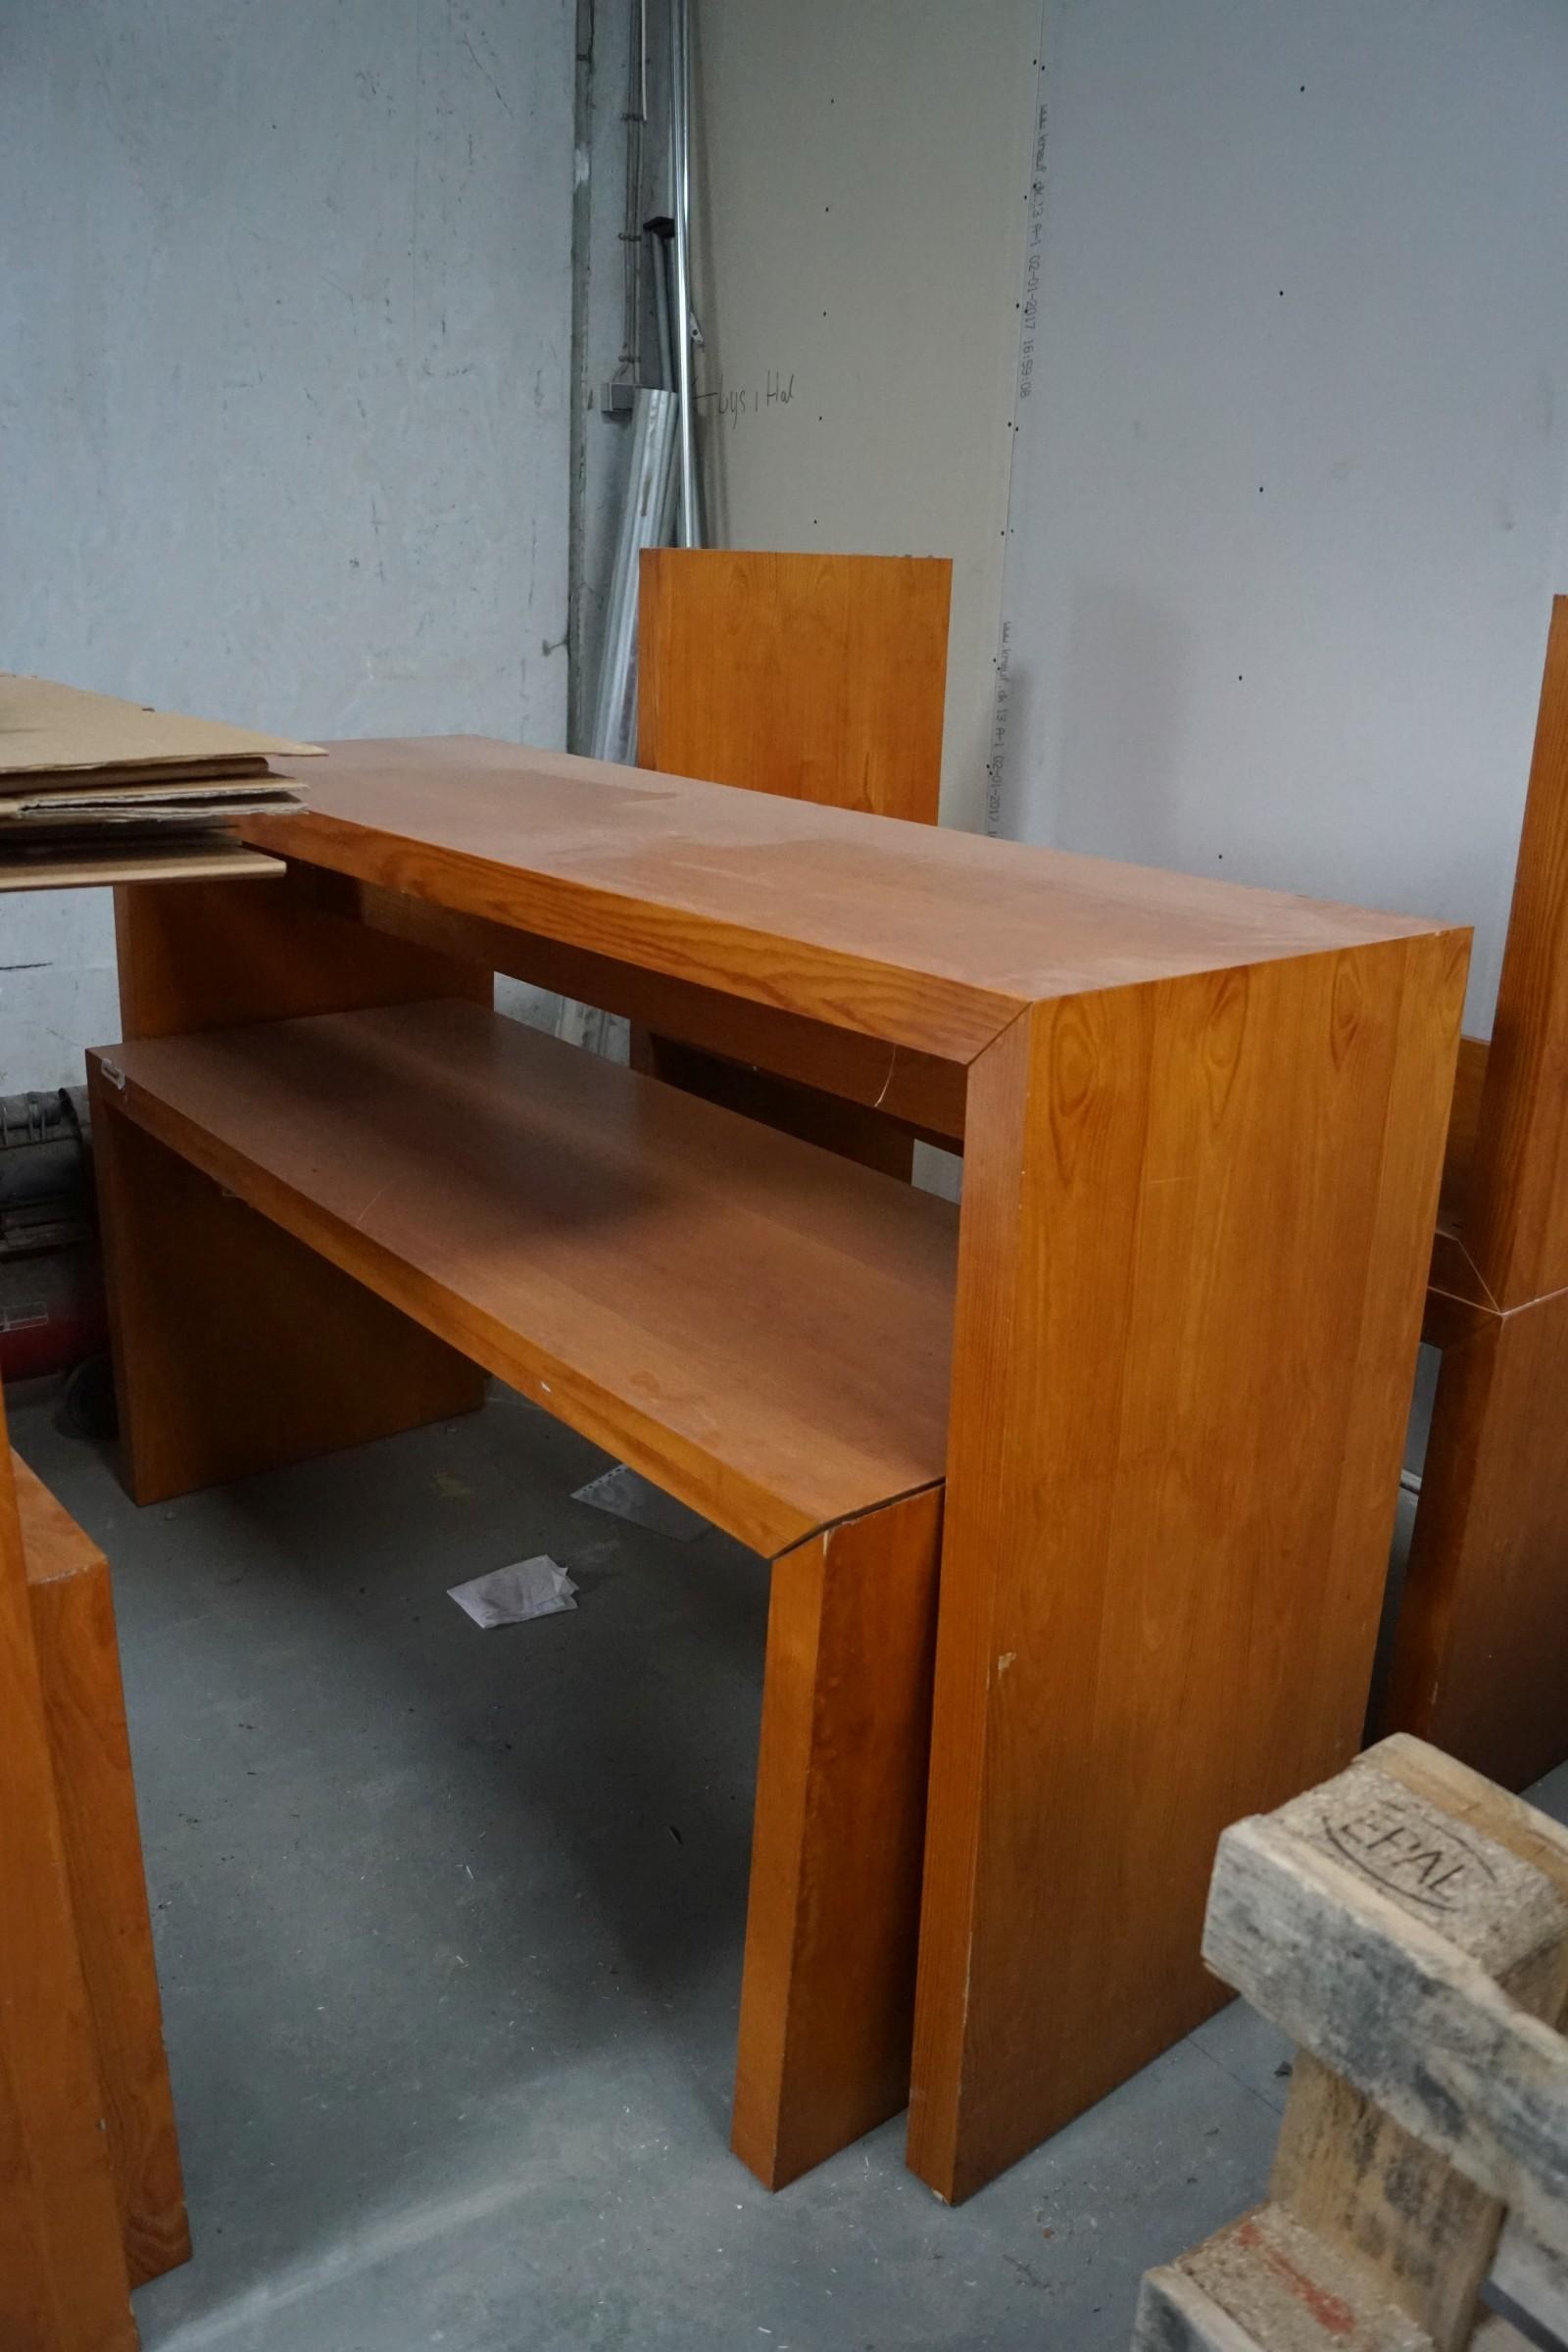 B Rom Bel Auktion Startseite Gebrauchtmöbel Berlin Lagerverkauf